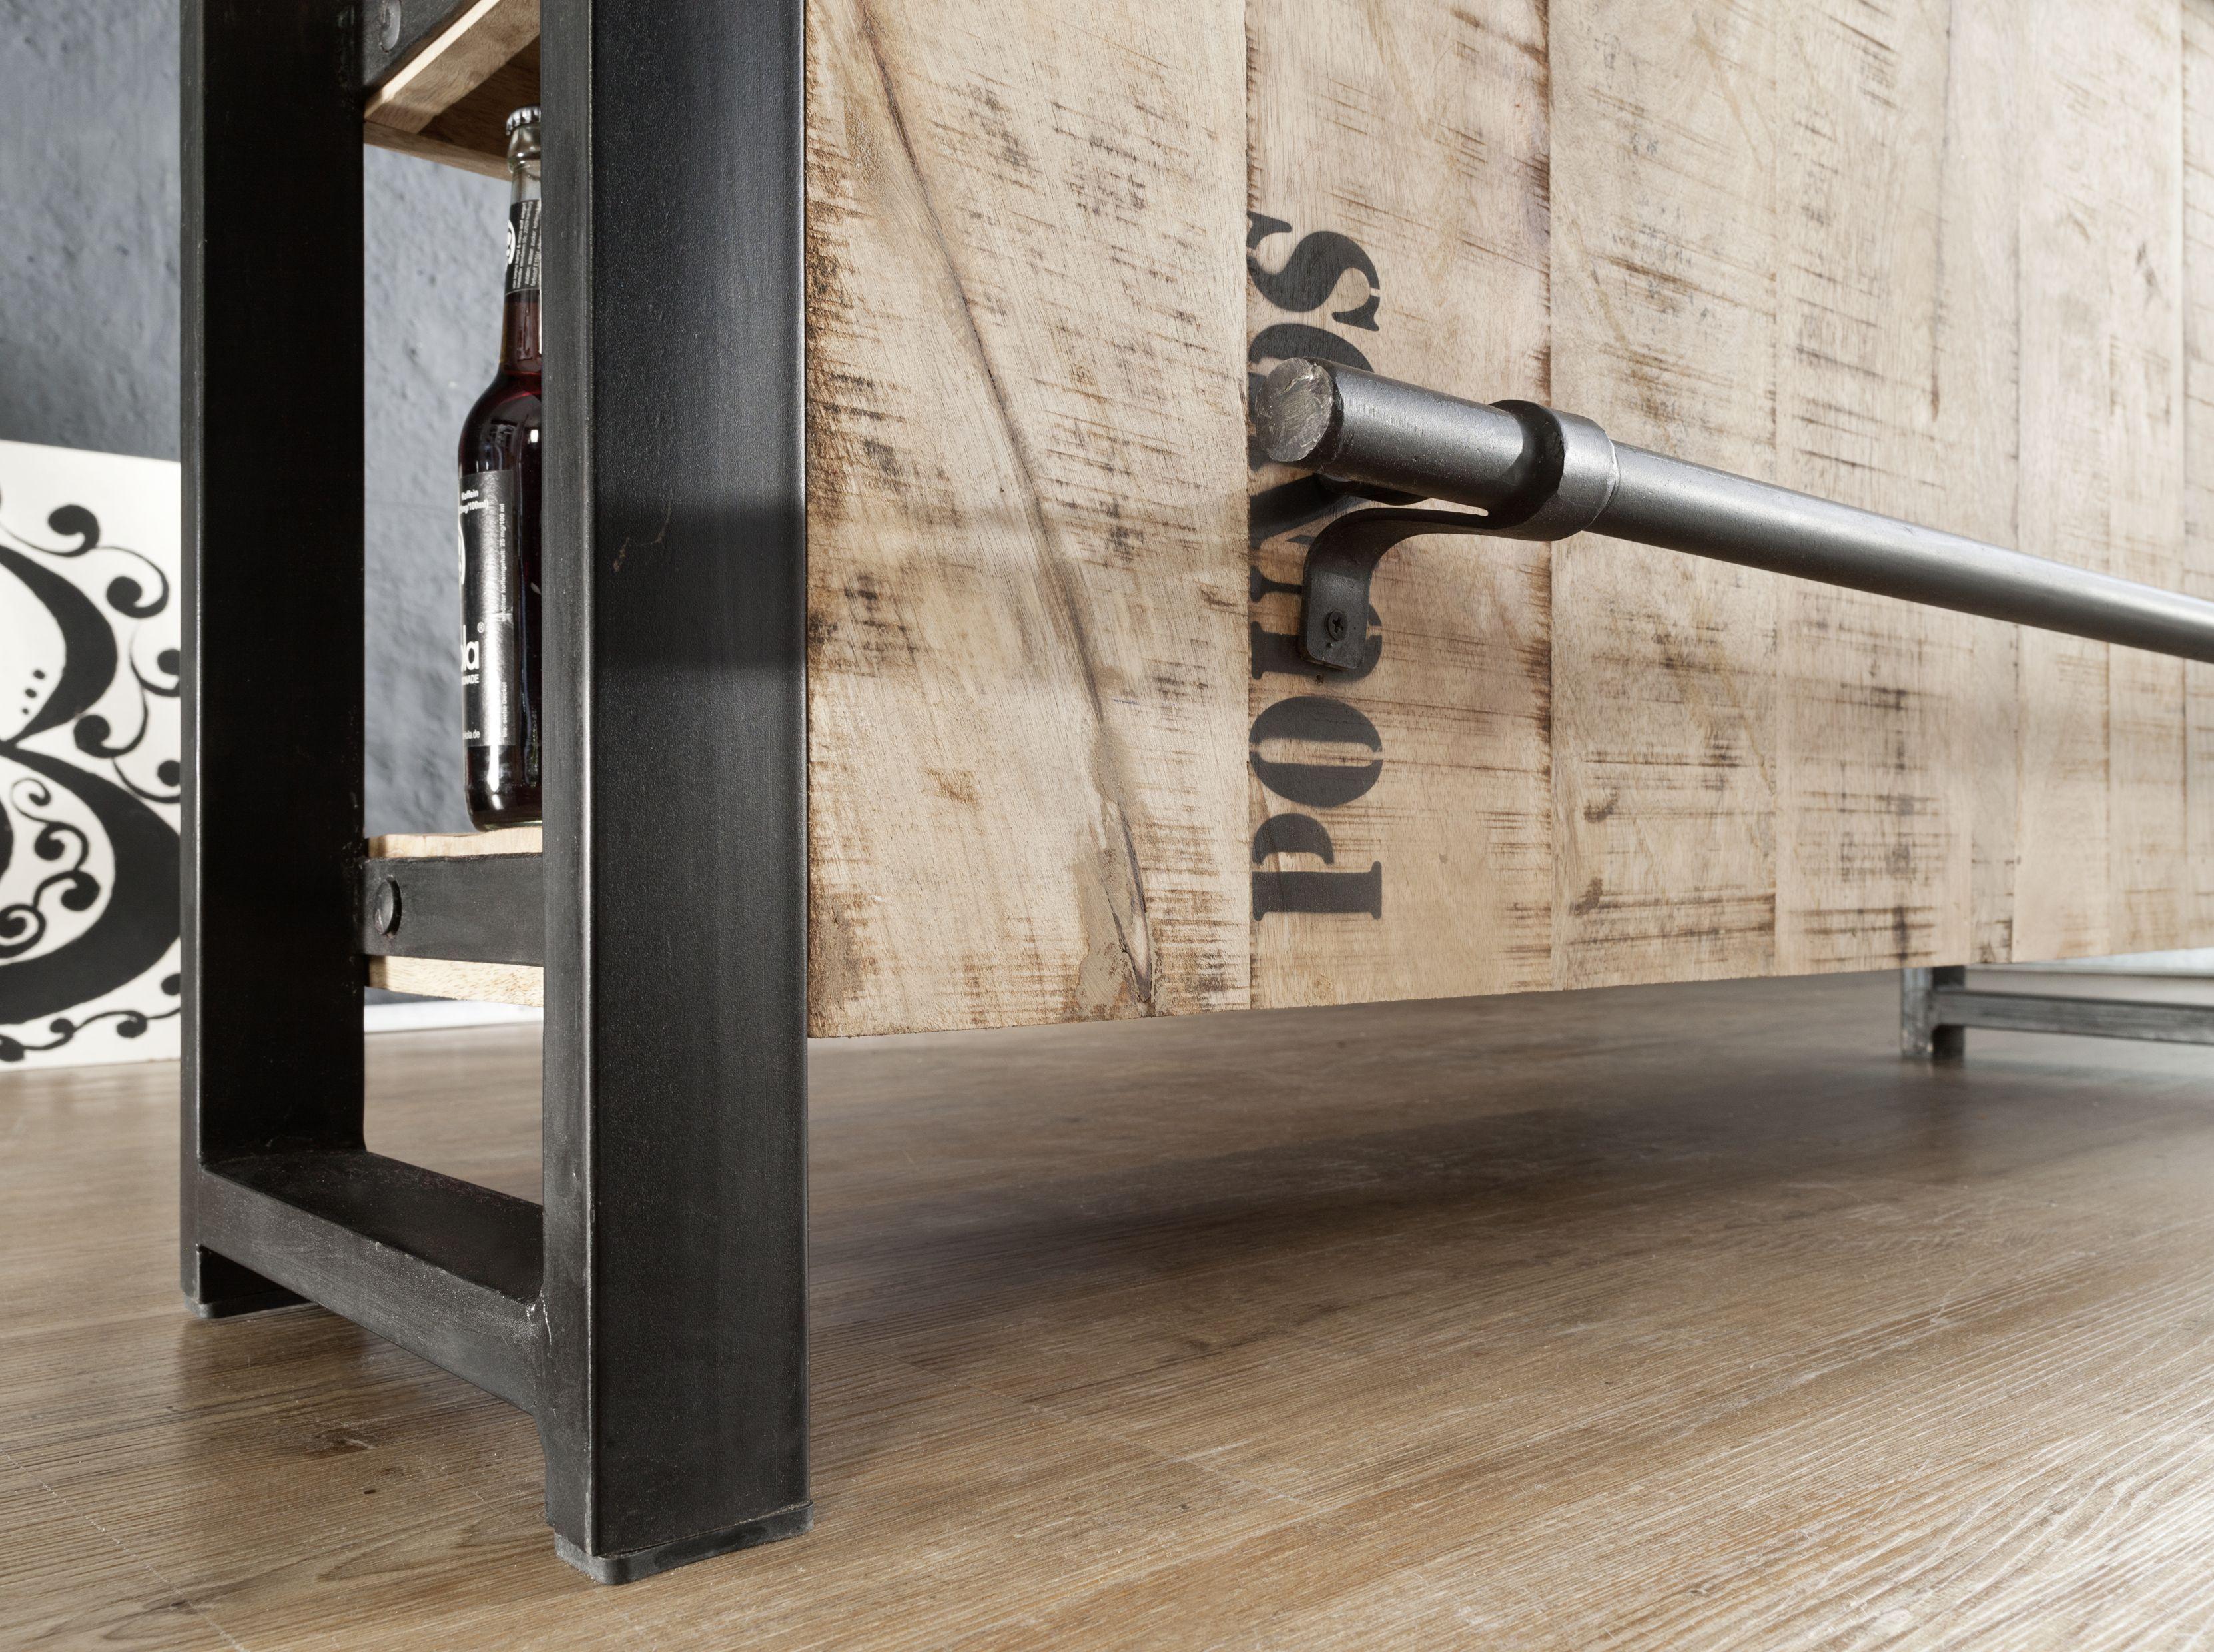 Genial Industrial Look Möbel Ideen Von Cooles Design Aus Mangoholz Und Eisen: Die